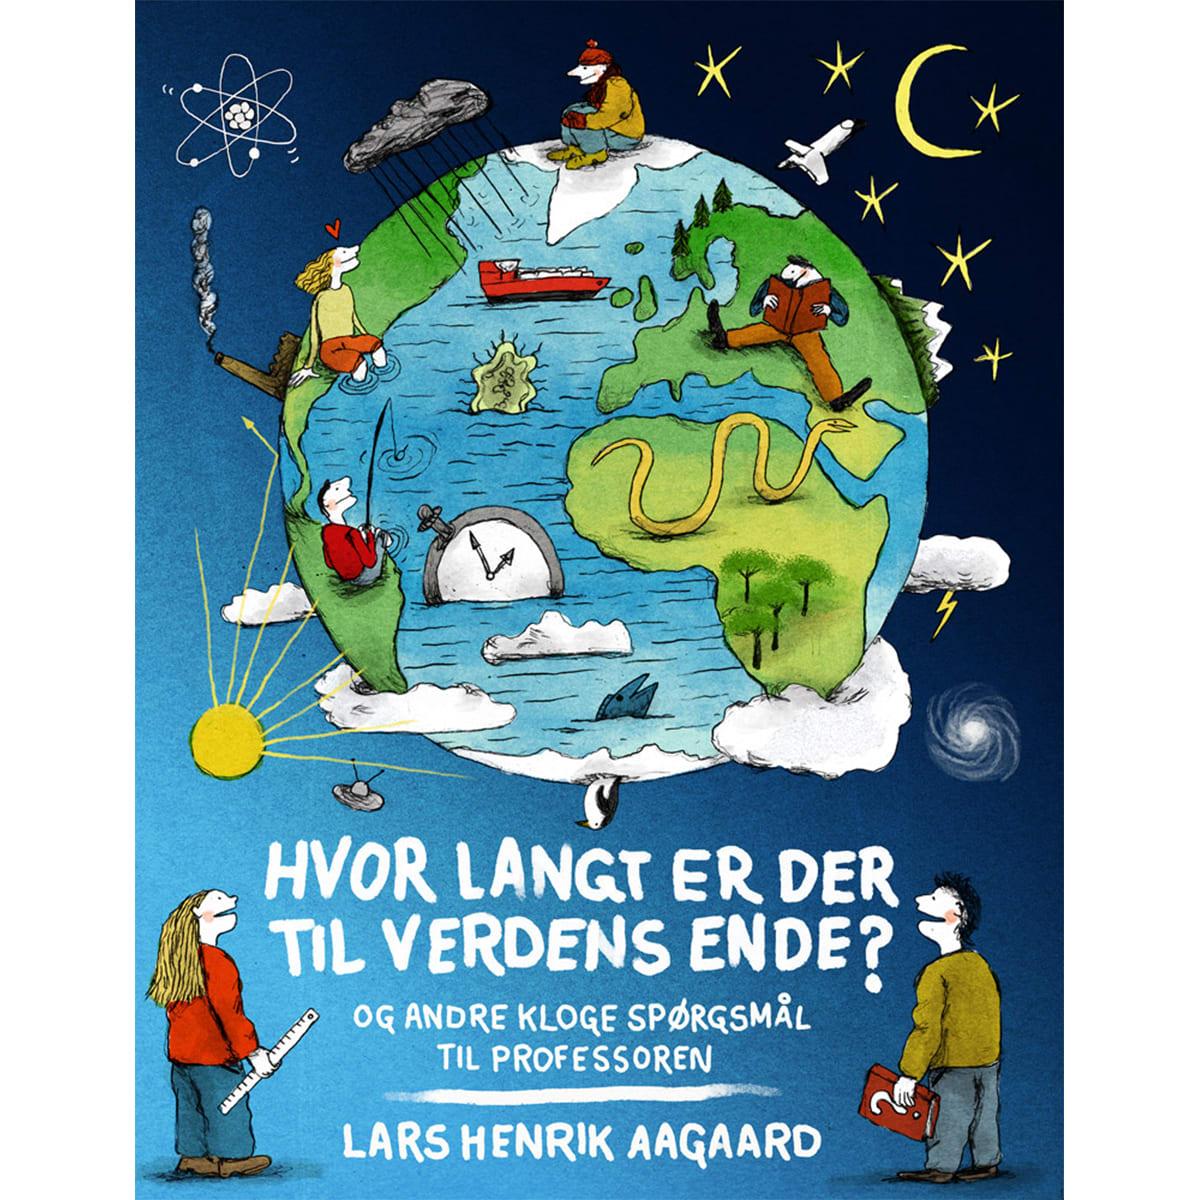 Af Lars Henrik Aagaard